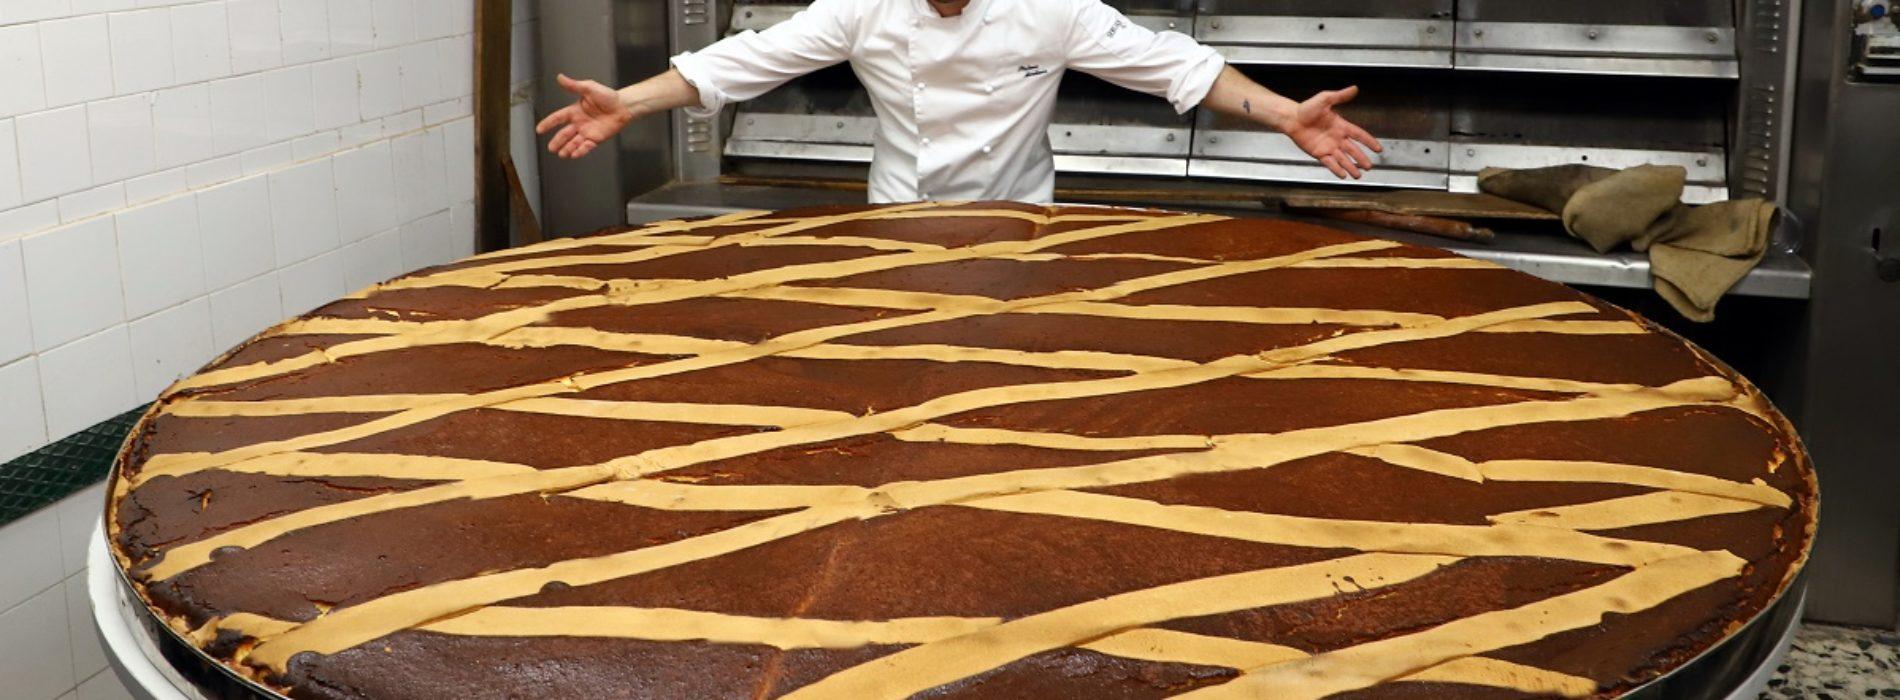 La pastiera più grande del mondo per Pasqua 2019 al Gran Caffè Gambrinus di Napoli